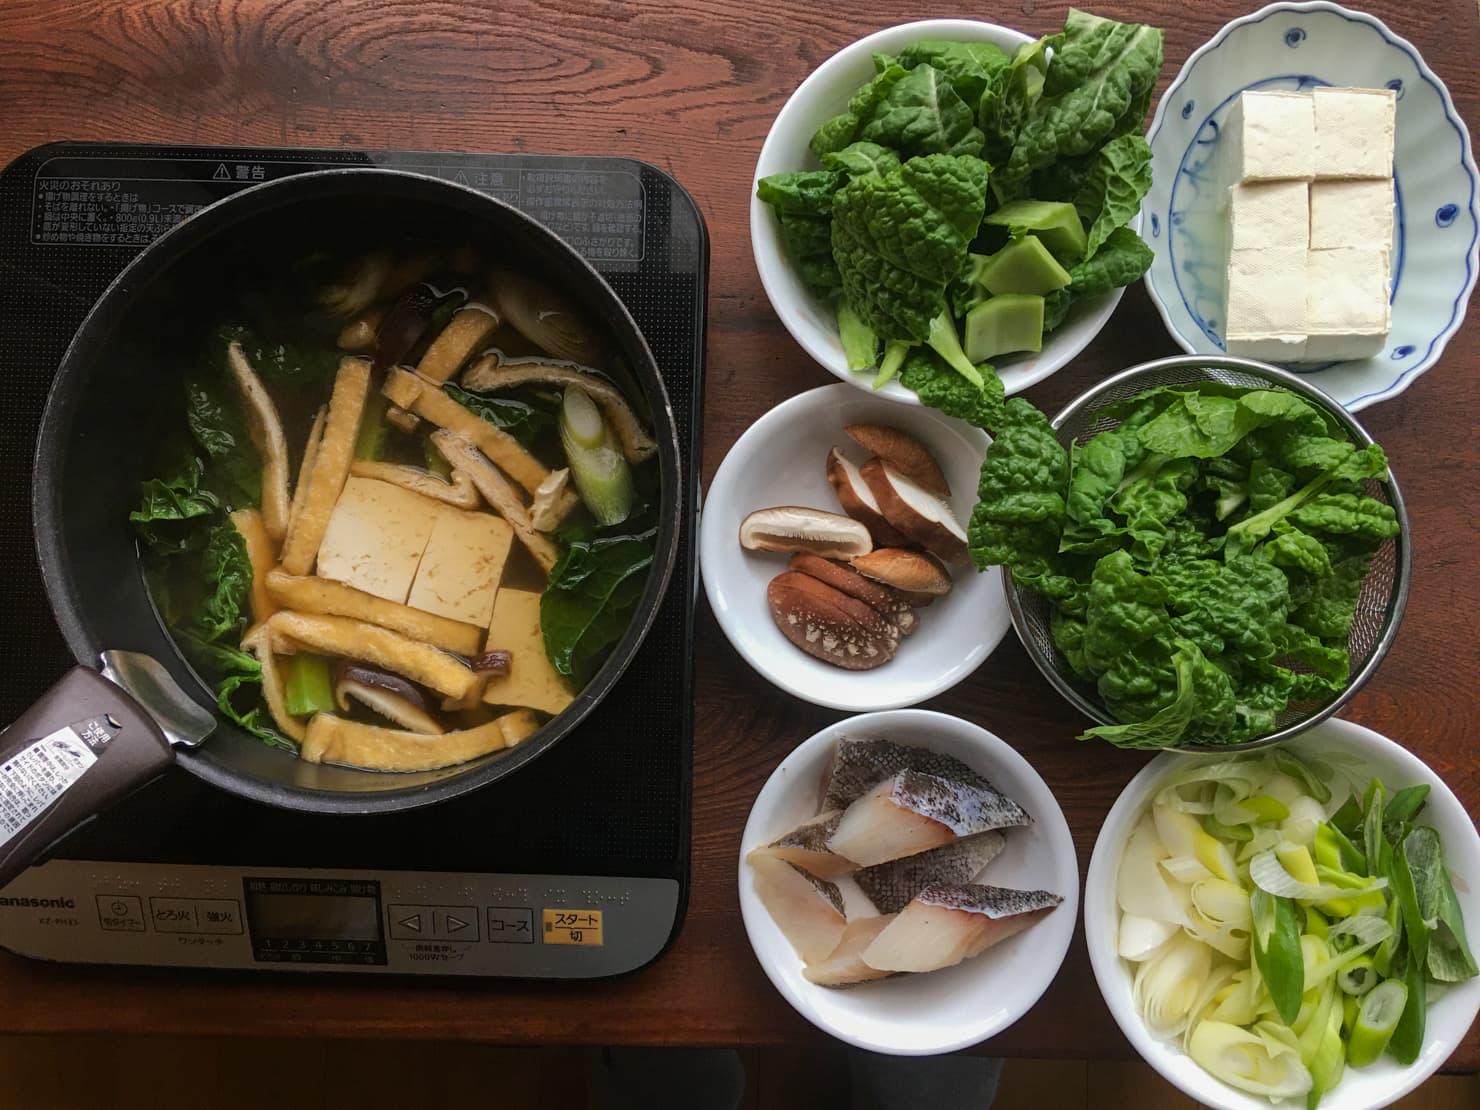 かつお菜とたらの鍋の写真